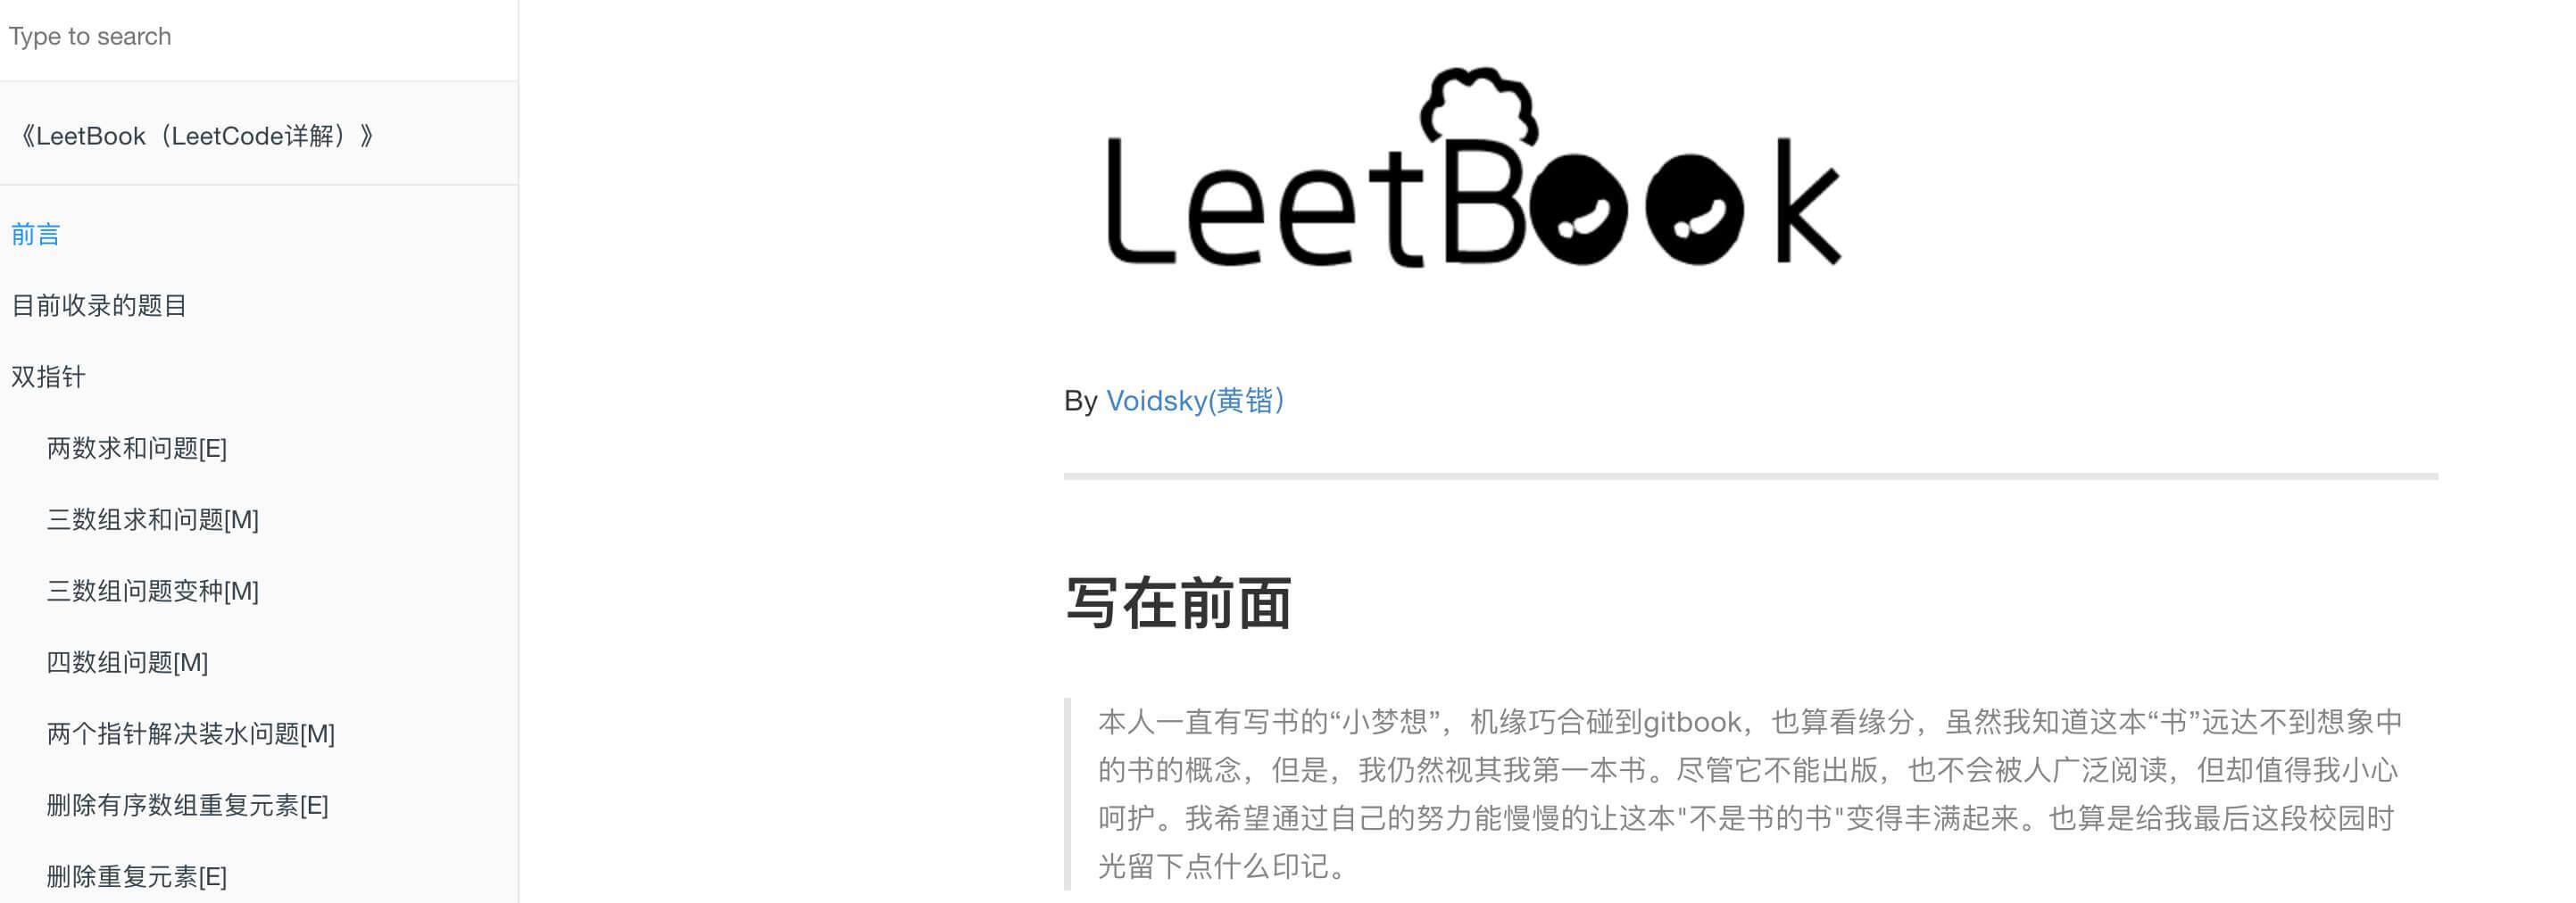 liwei201910111_2.png